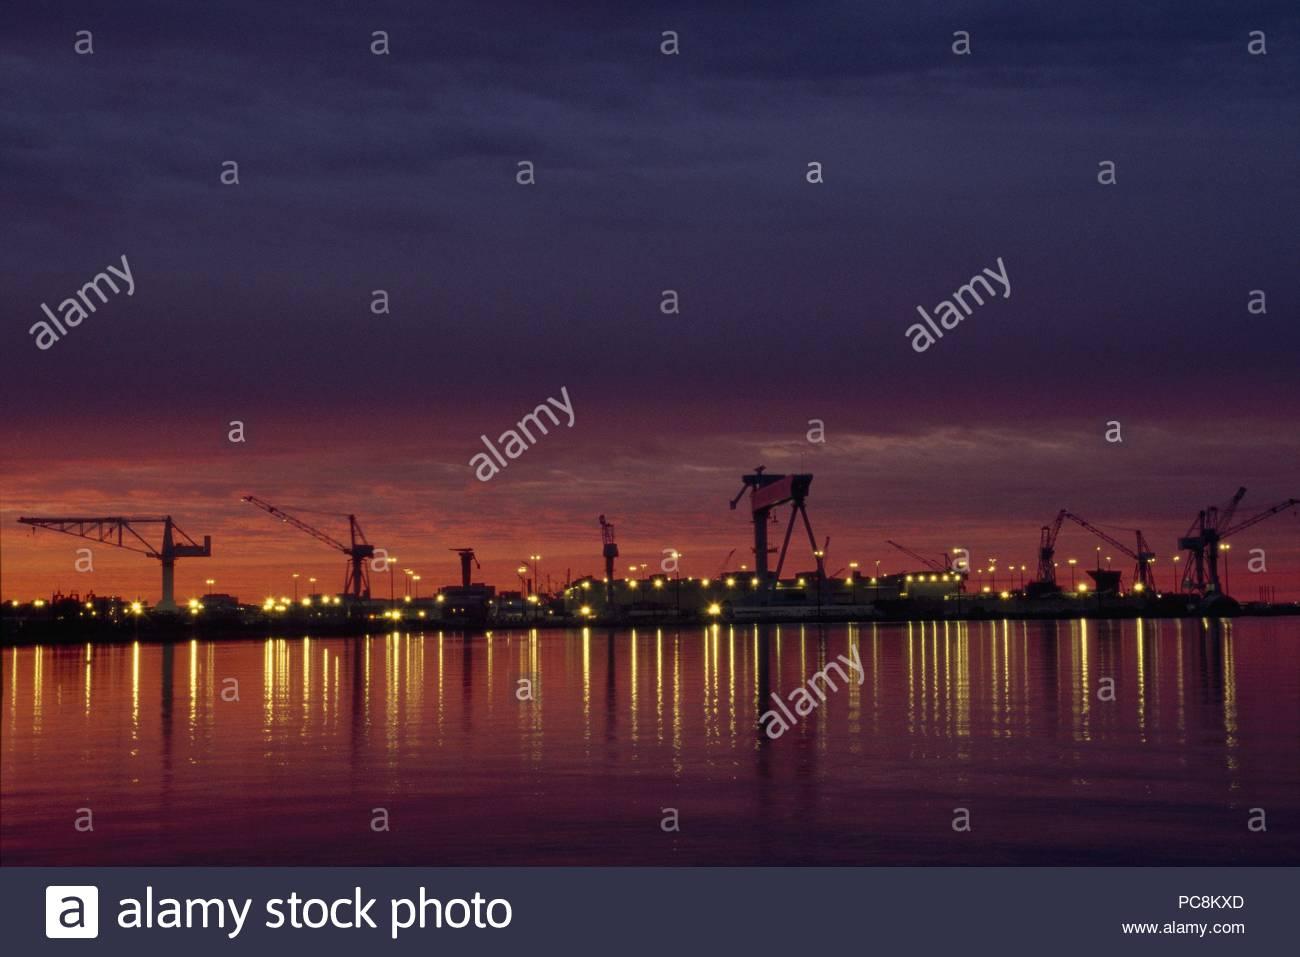 Beleuchtung von einer Werft reflektiert das Wasser in Newport News, Virginia. Stockbild